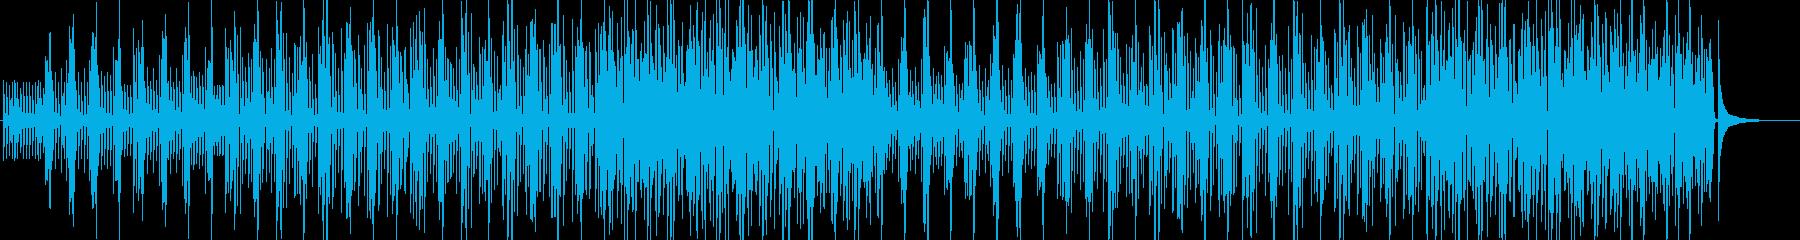 ピアノ-ほっこり-ポップ-CM-軽快-森の再生済みの波形